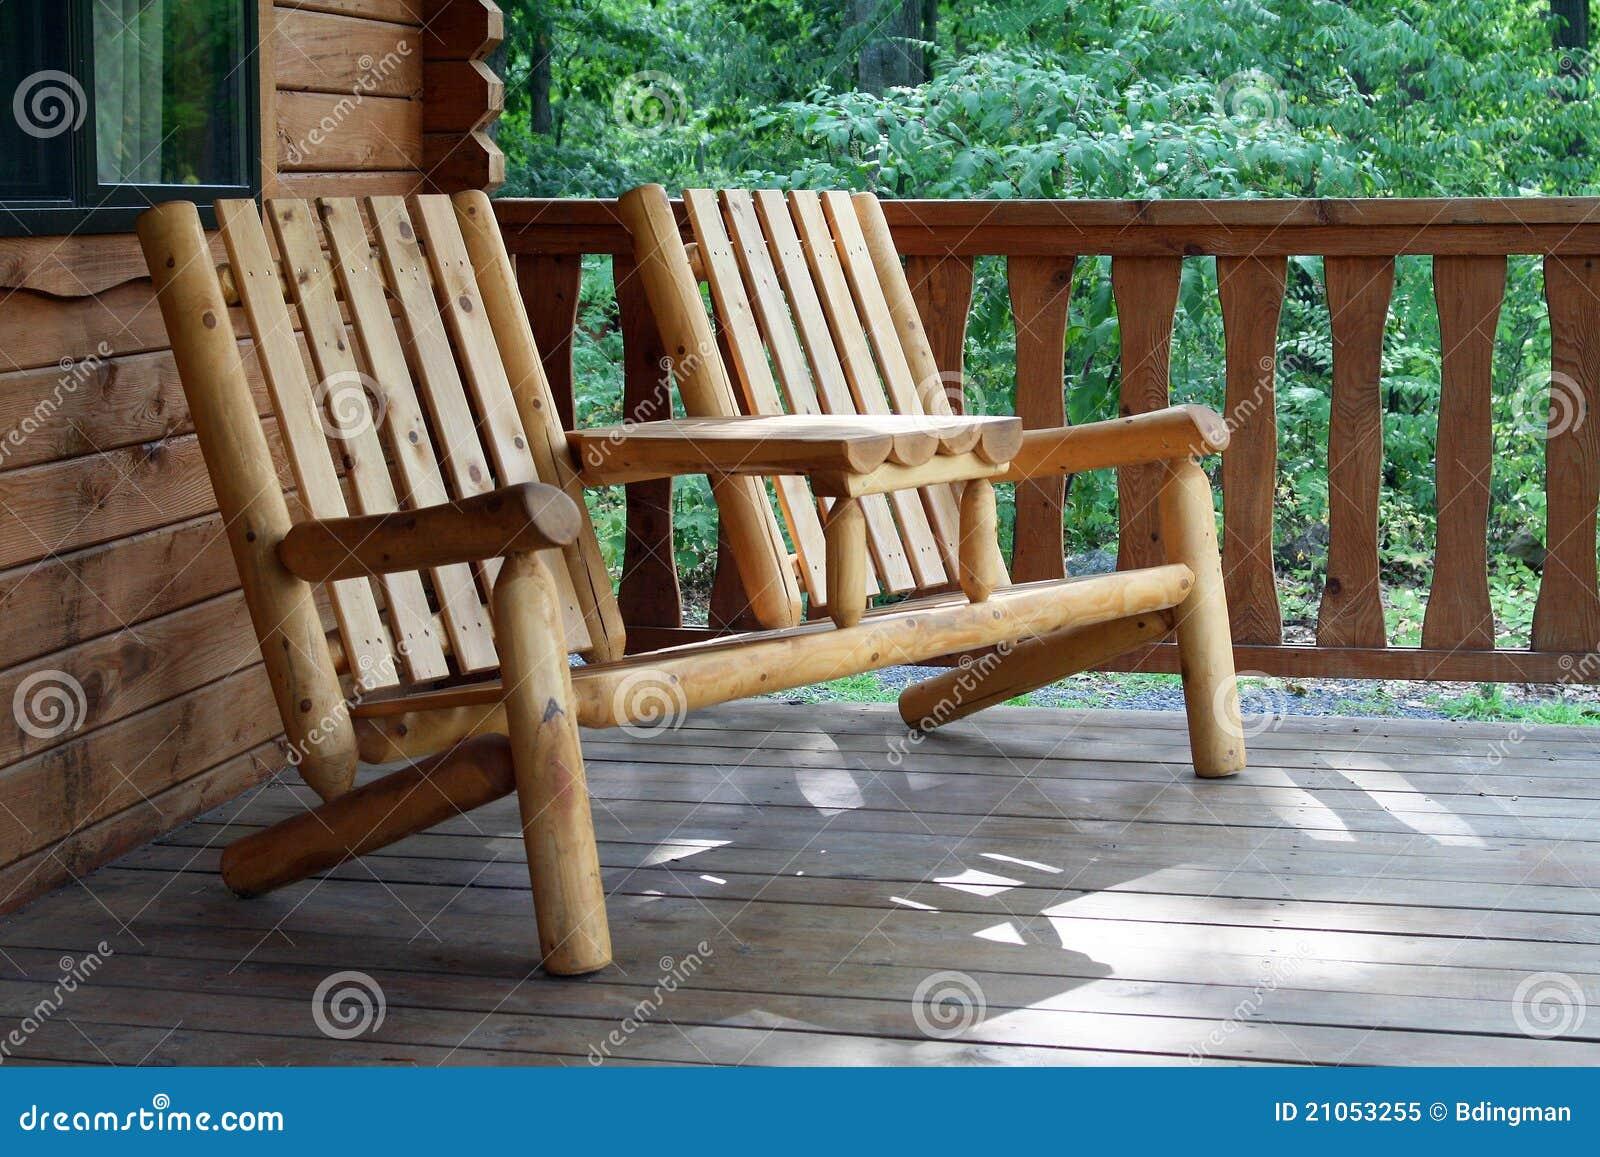 土气的轻便折椅